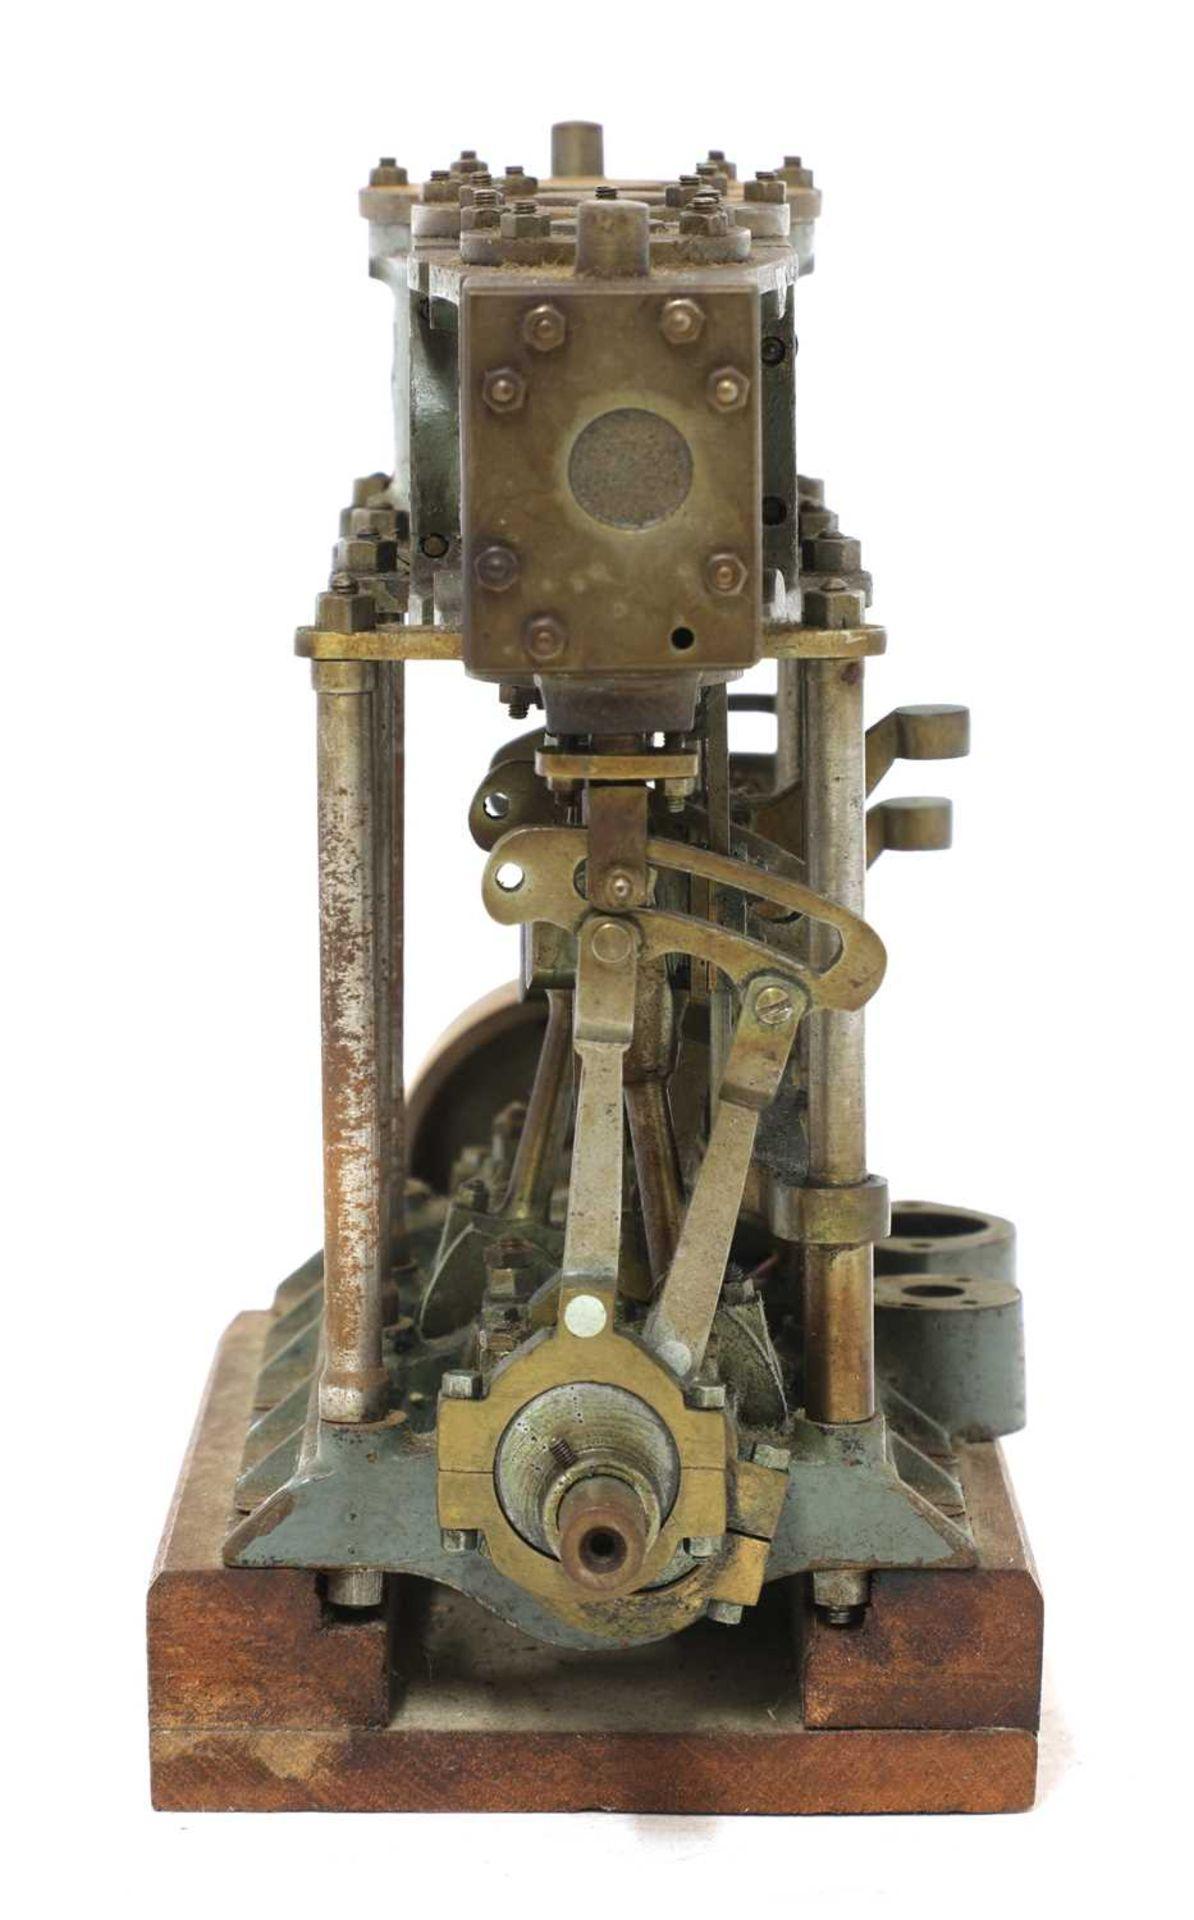 A model of a Stuart Turner triple expansion engine, - Image 2 of 3